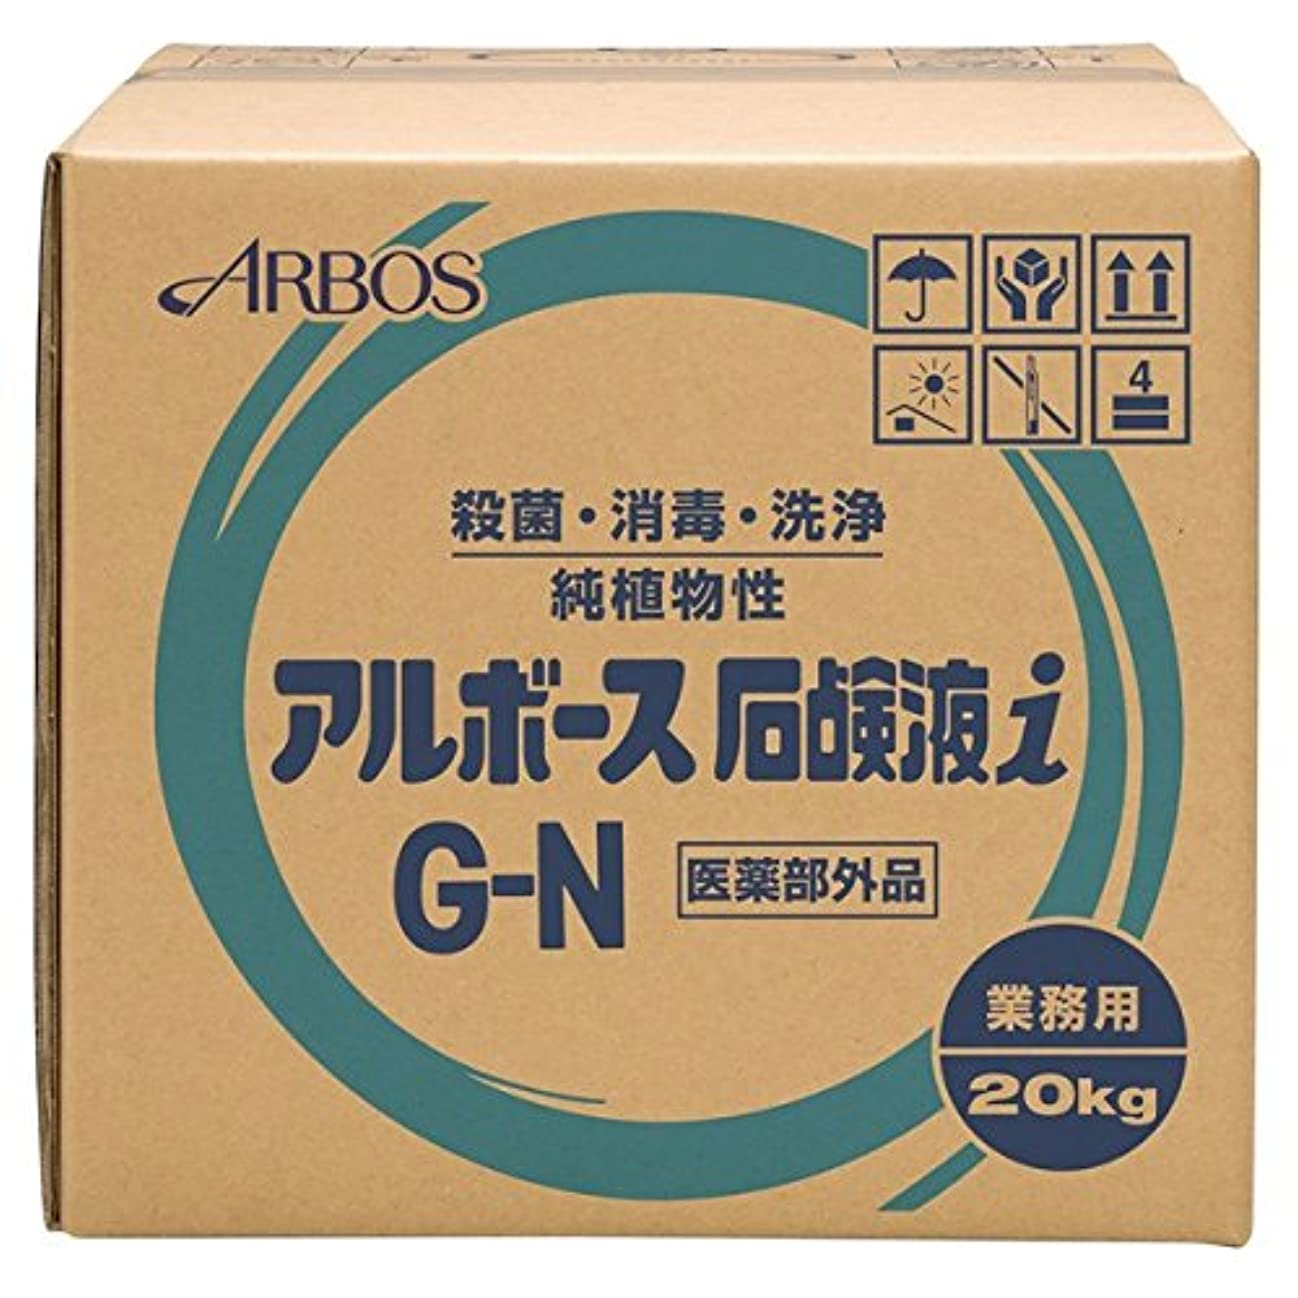 主観的かなりの銛アルボース 薬用ハンドソープ アルボース石鹸液i G-N 濃縮タイプ 20kg